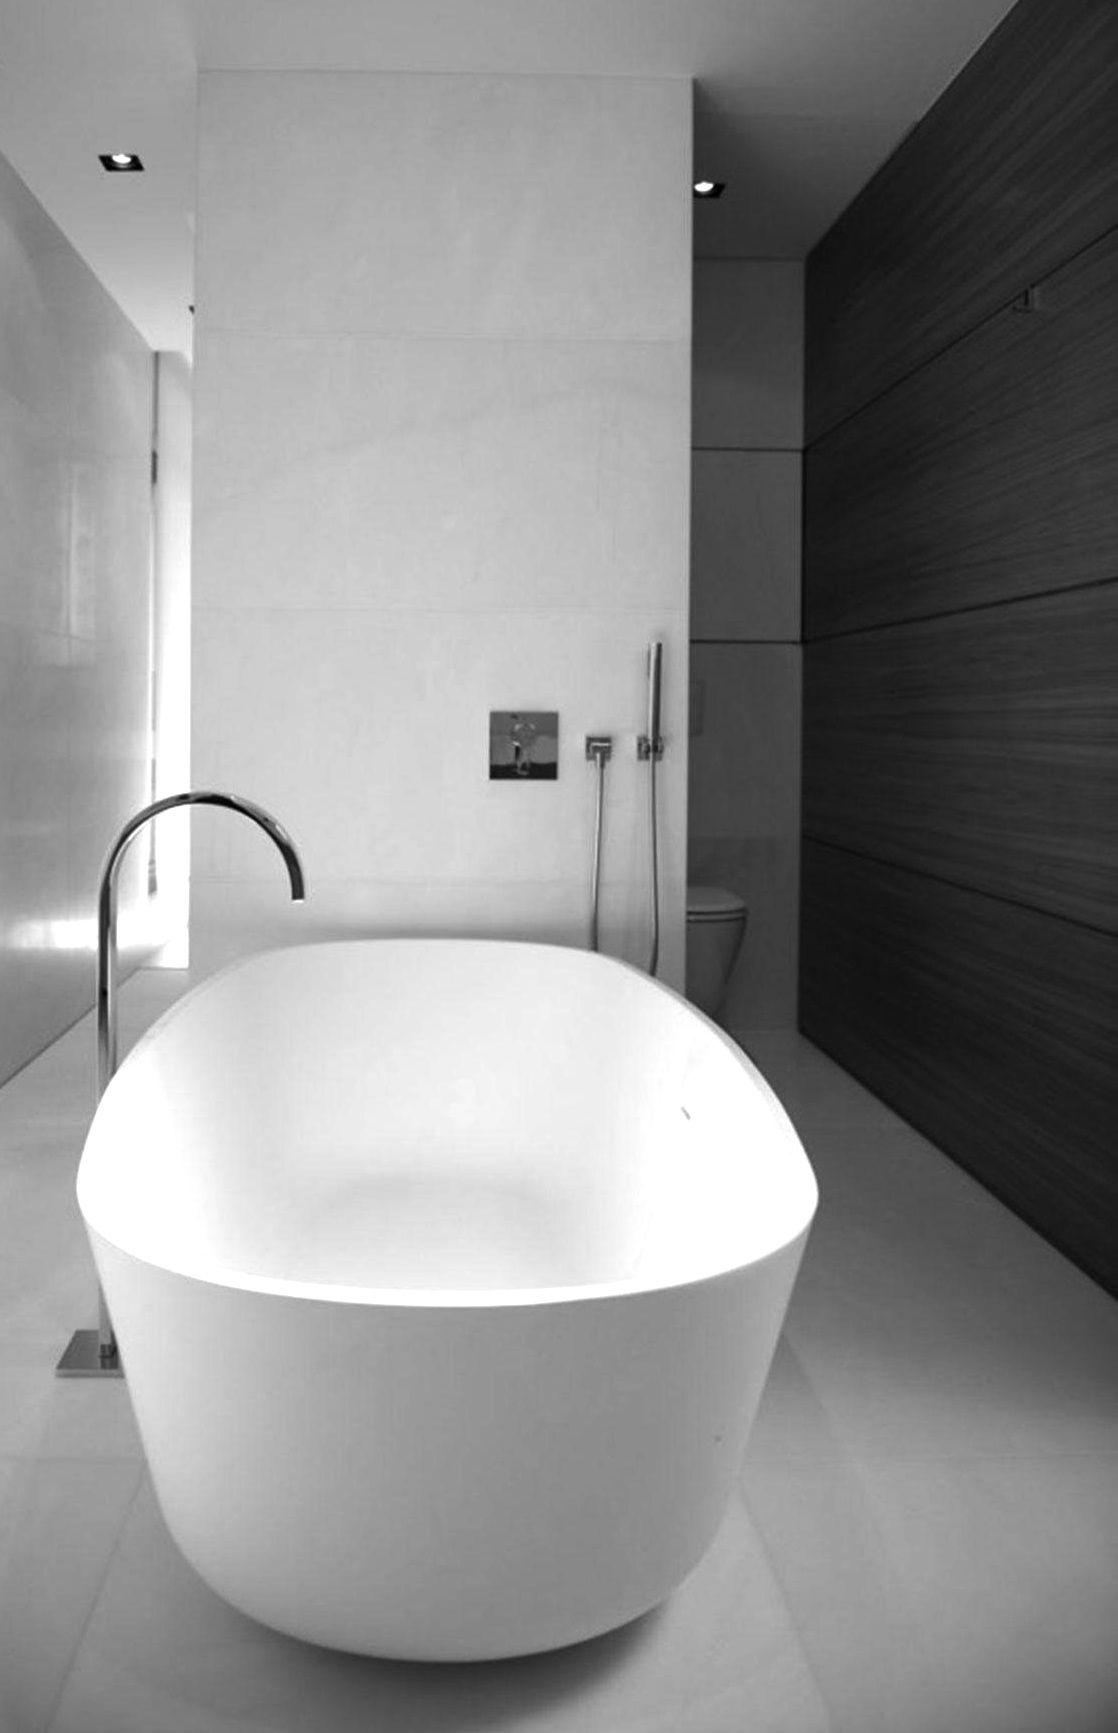 h l ne olivier lempereur villa espinette badkamers pinterest badezimmer b der und. Black Bedroom Furniture Sets. Home Design Ideas